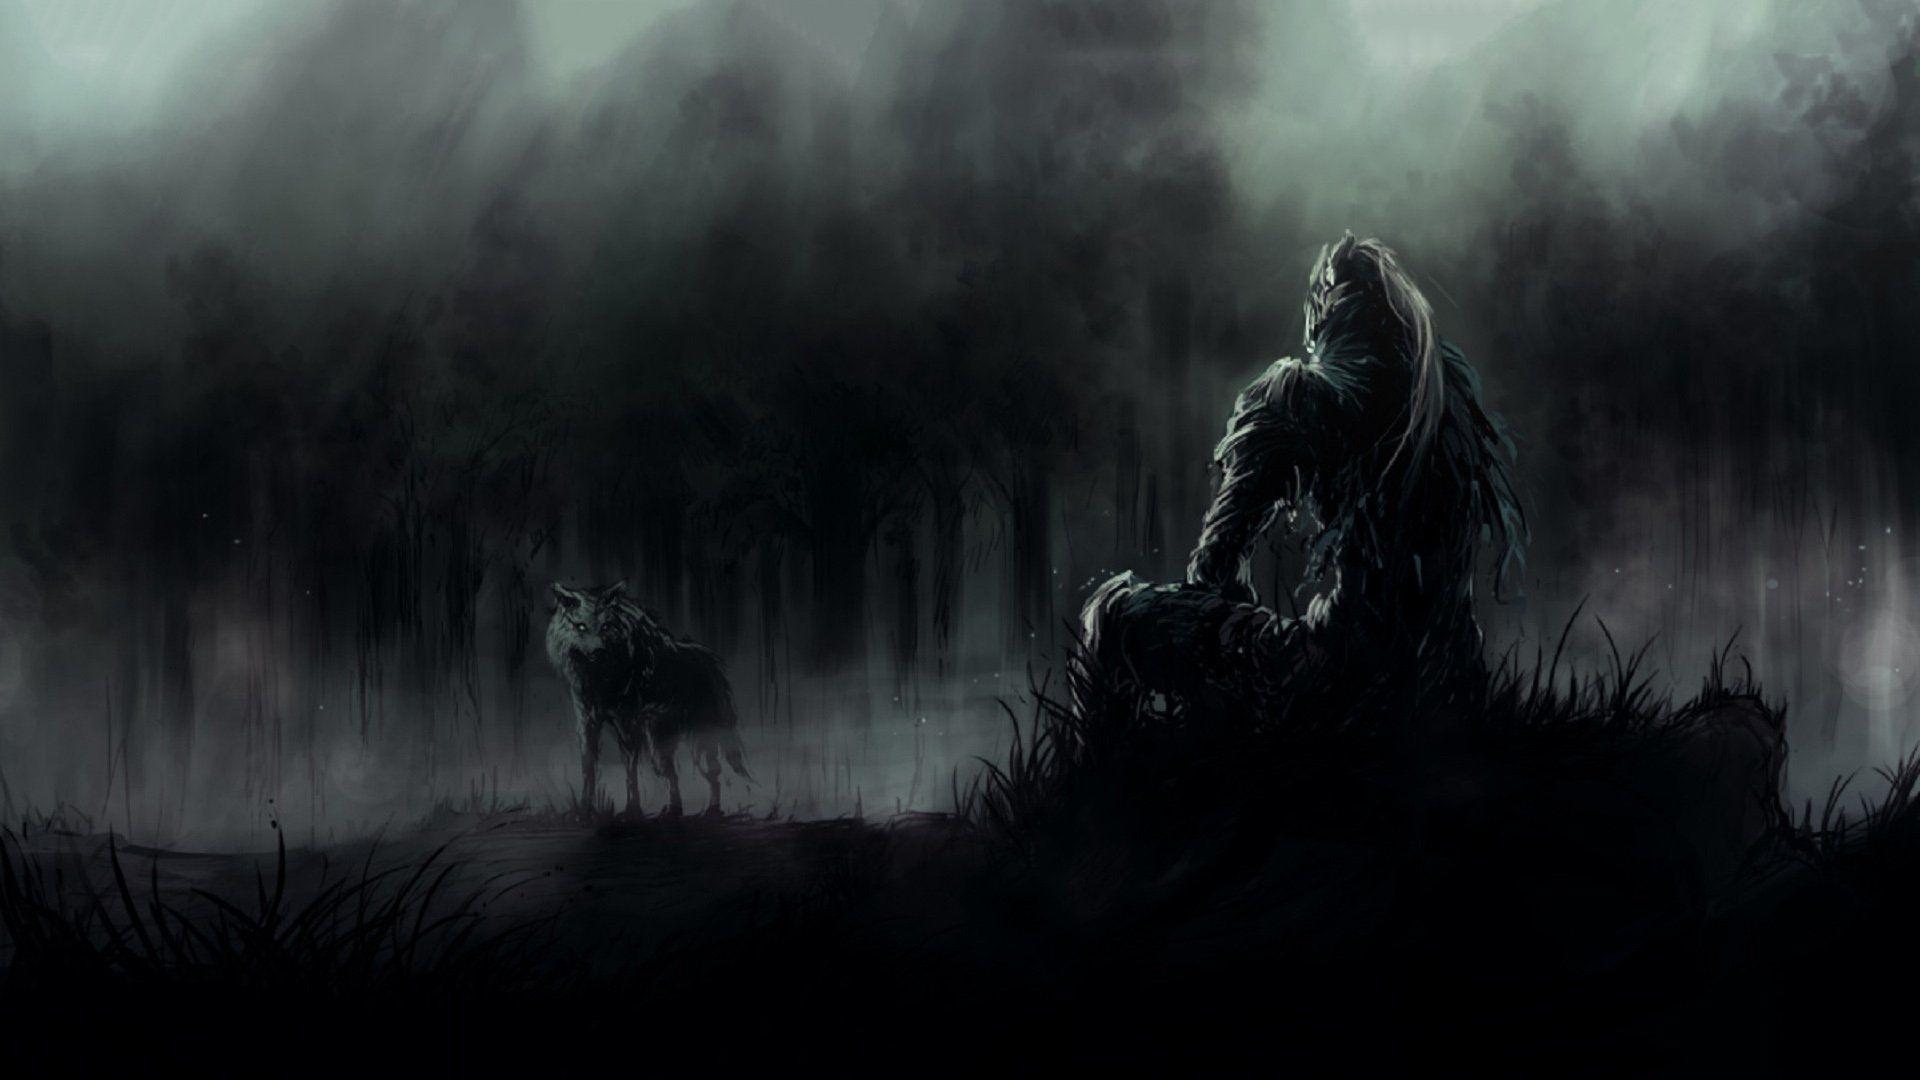 Dark Souls ii Wallpaper Leaving a narcissist Narcissistic 1920x1080